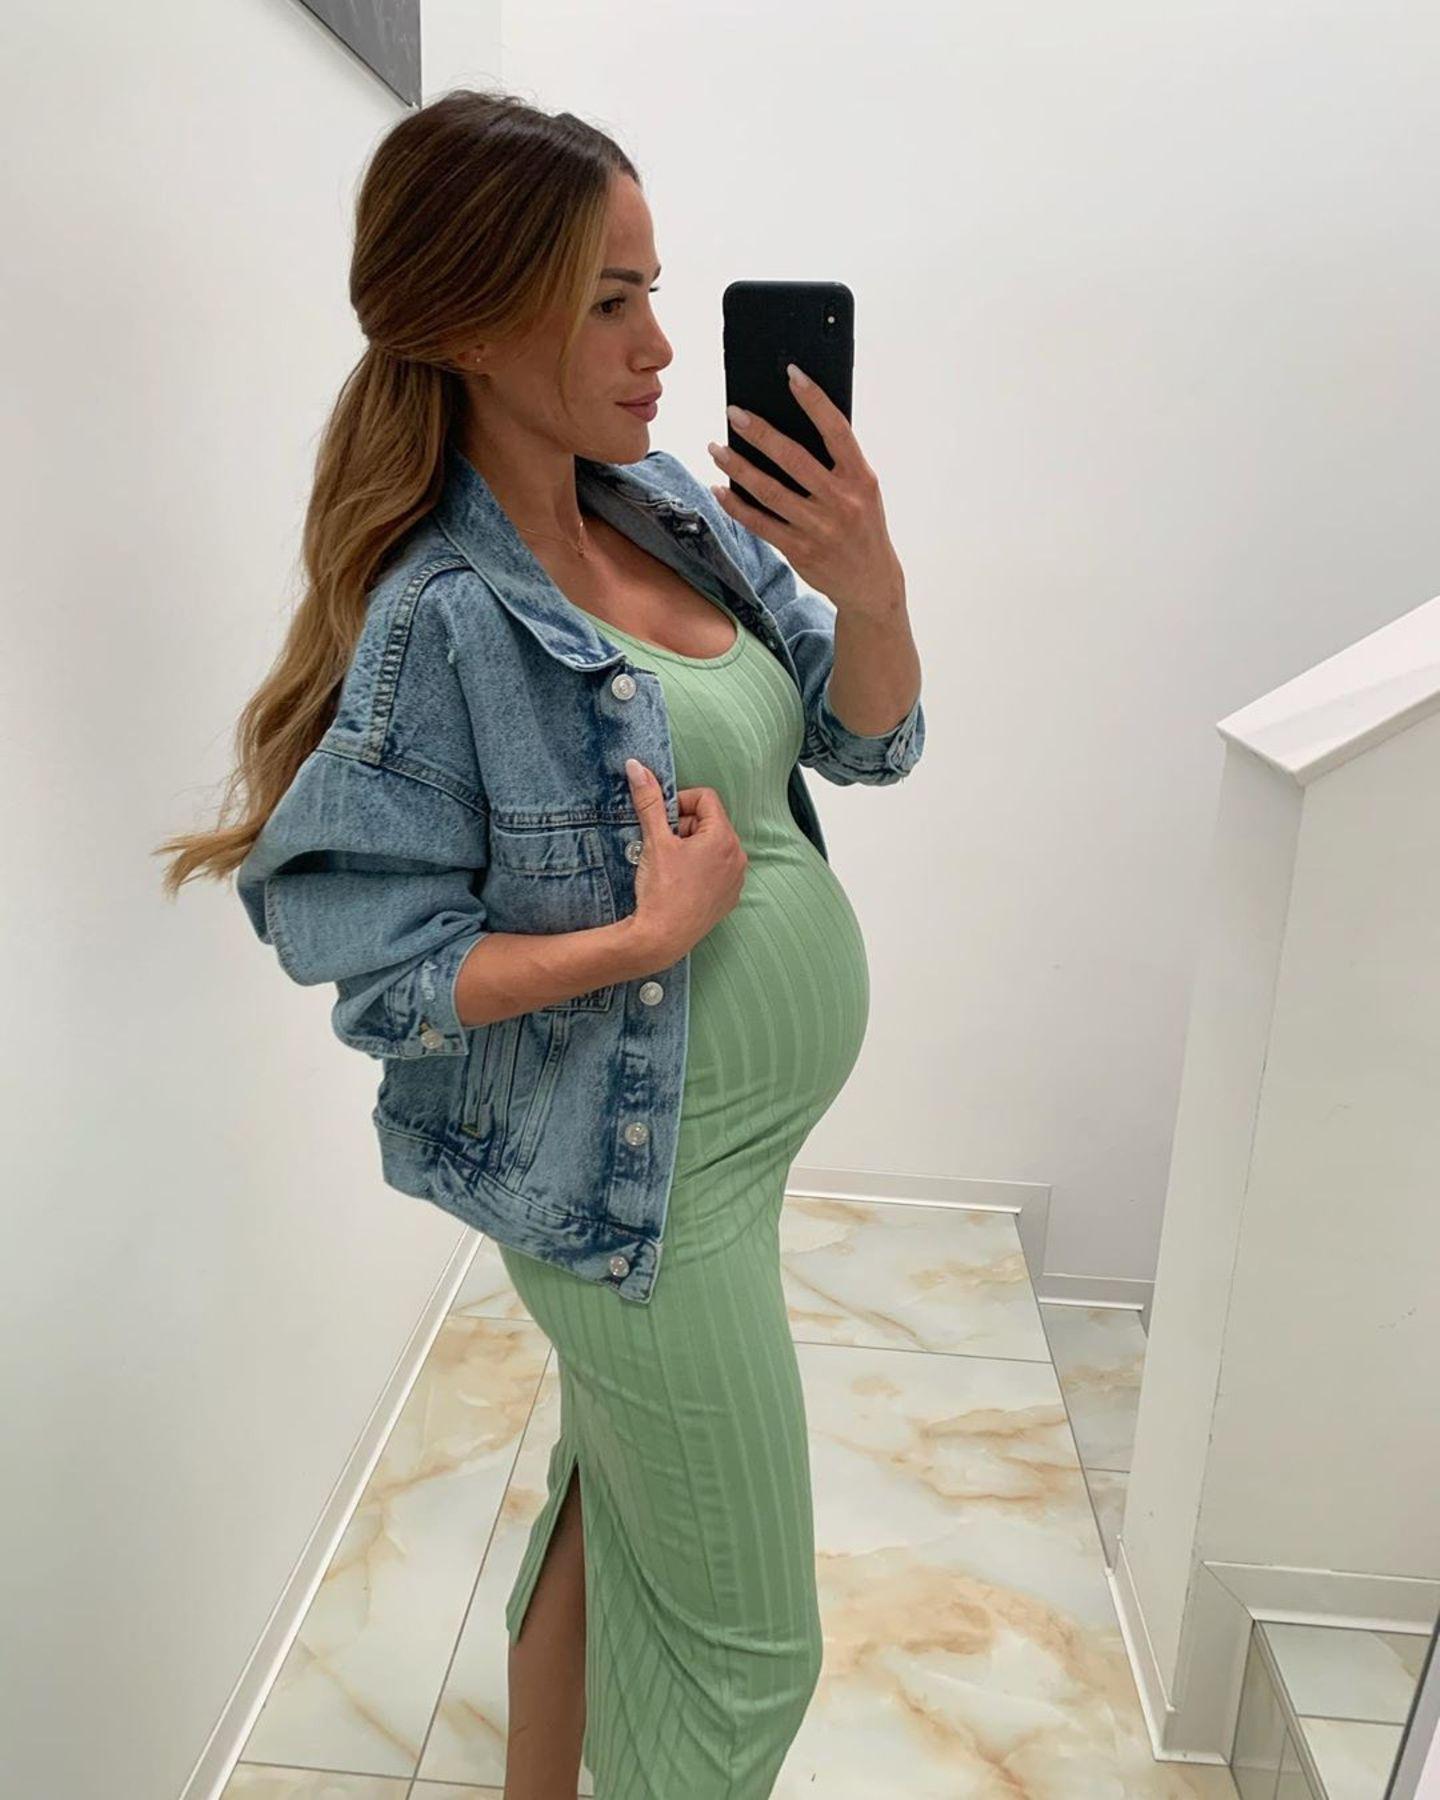 Stylishes Babybauch-Update: Angelina Pannek zeigt ihre 9-Monats-Kugel – verpackt in einem mintgrünen Tube-Kleid, das jede Rundung perfekt betont. Ihr gehe es super, so die Schwangere auf Instagram. Auch das Kinderzimmer sei fertig und bereit für das kleine Baby.